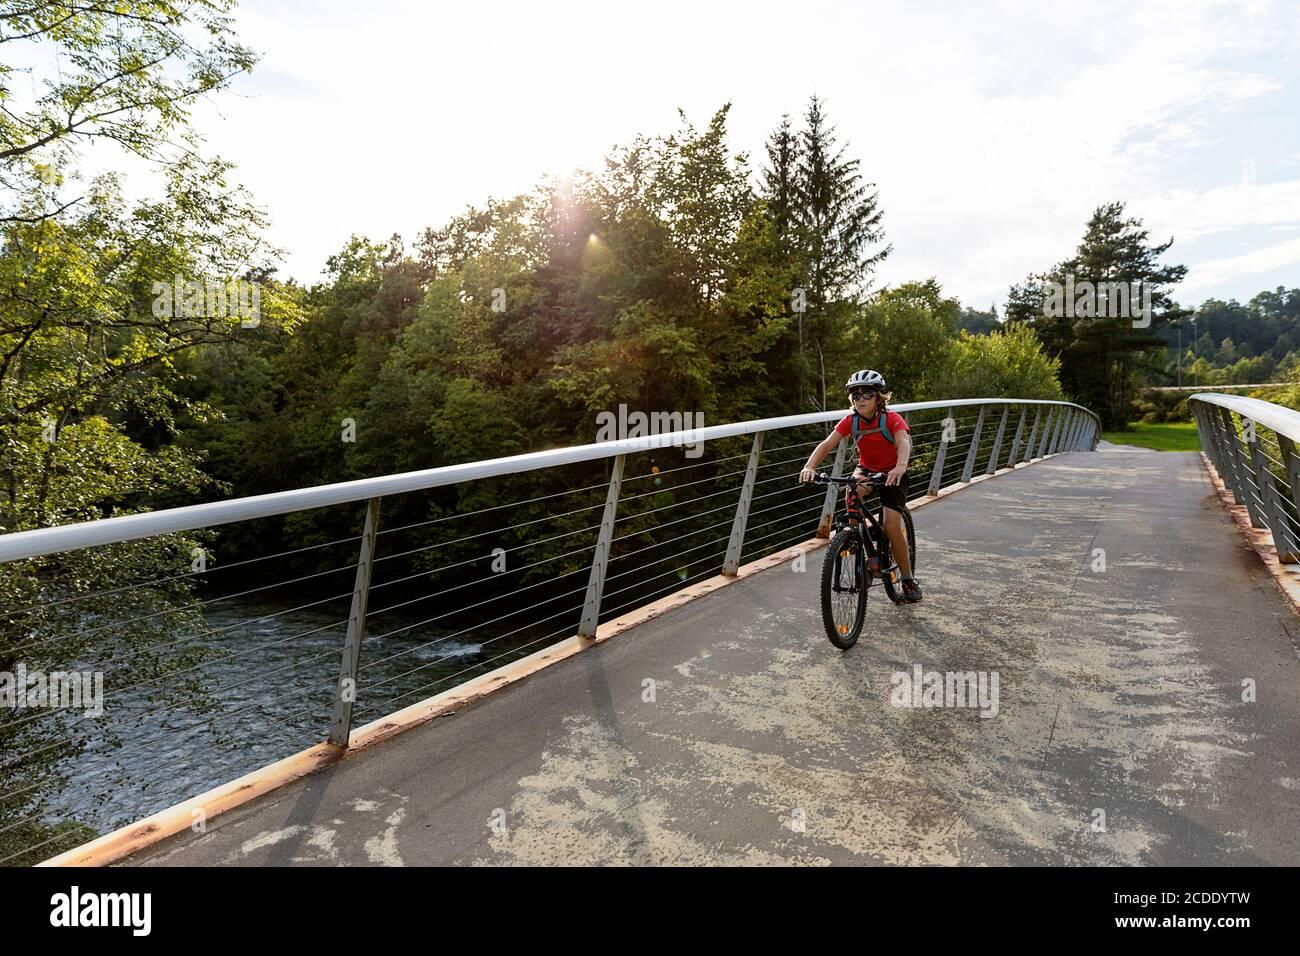 Un jeune garçon fait du vélo sur une passerelle Banque D'Images